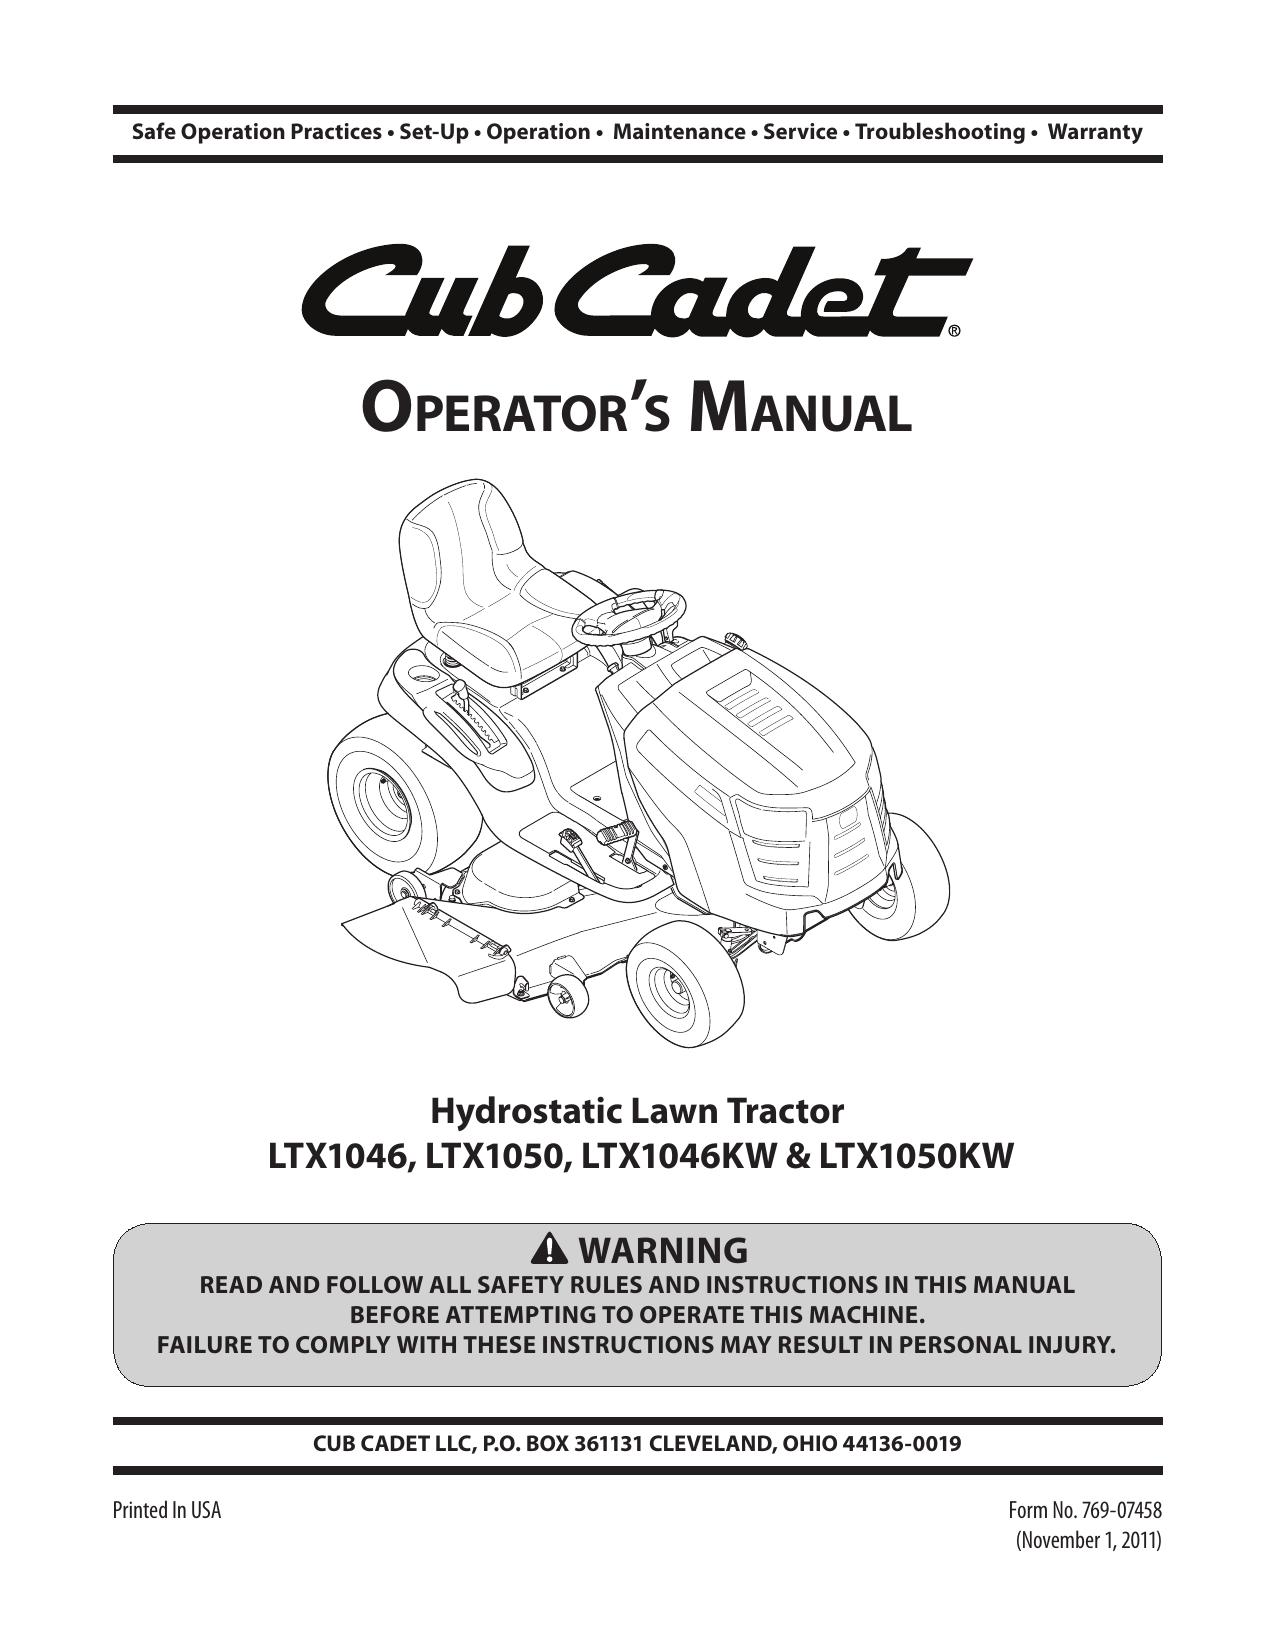 cub cadet ltx 1046 wiring diagram cub cadet ltx 1046 kw operator s manual manualzz  cub cadet ltx 1046 kw operator s manual